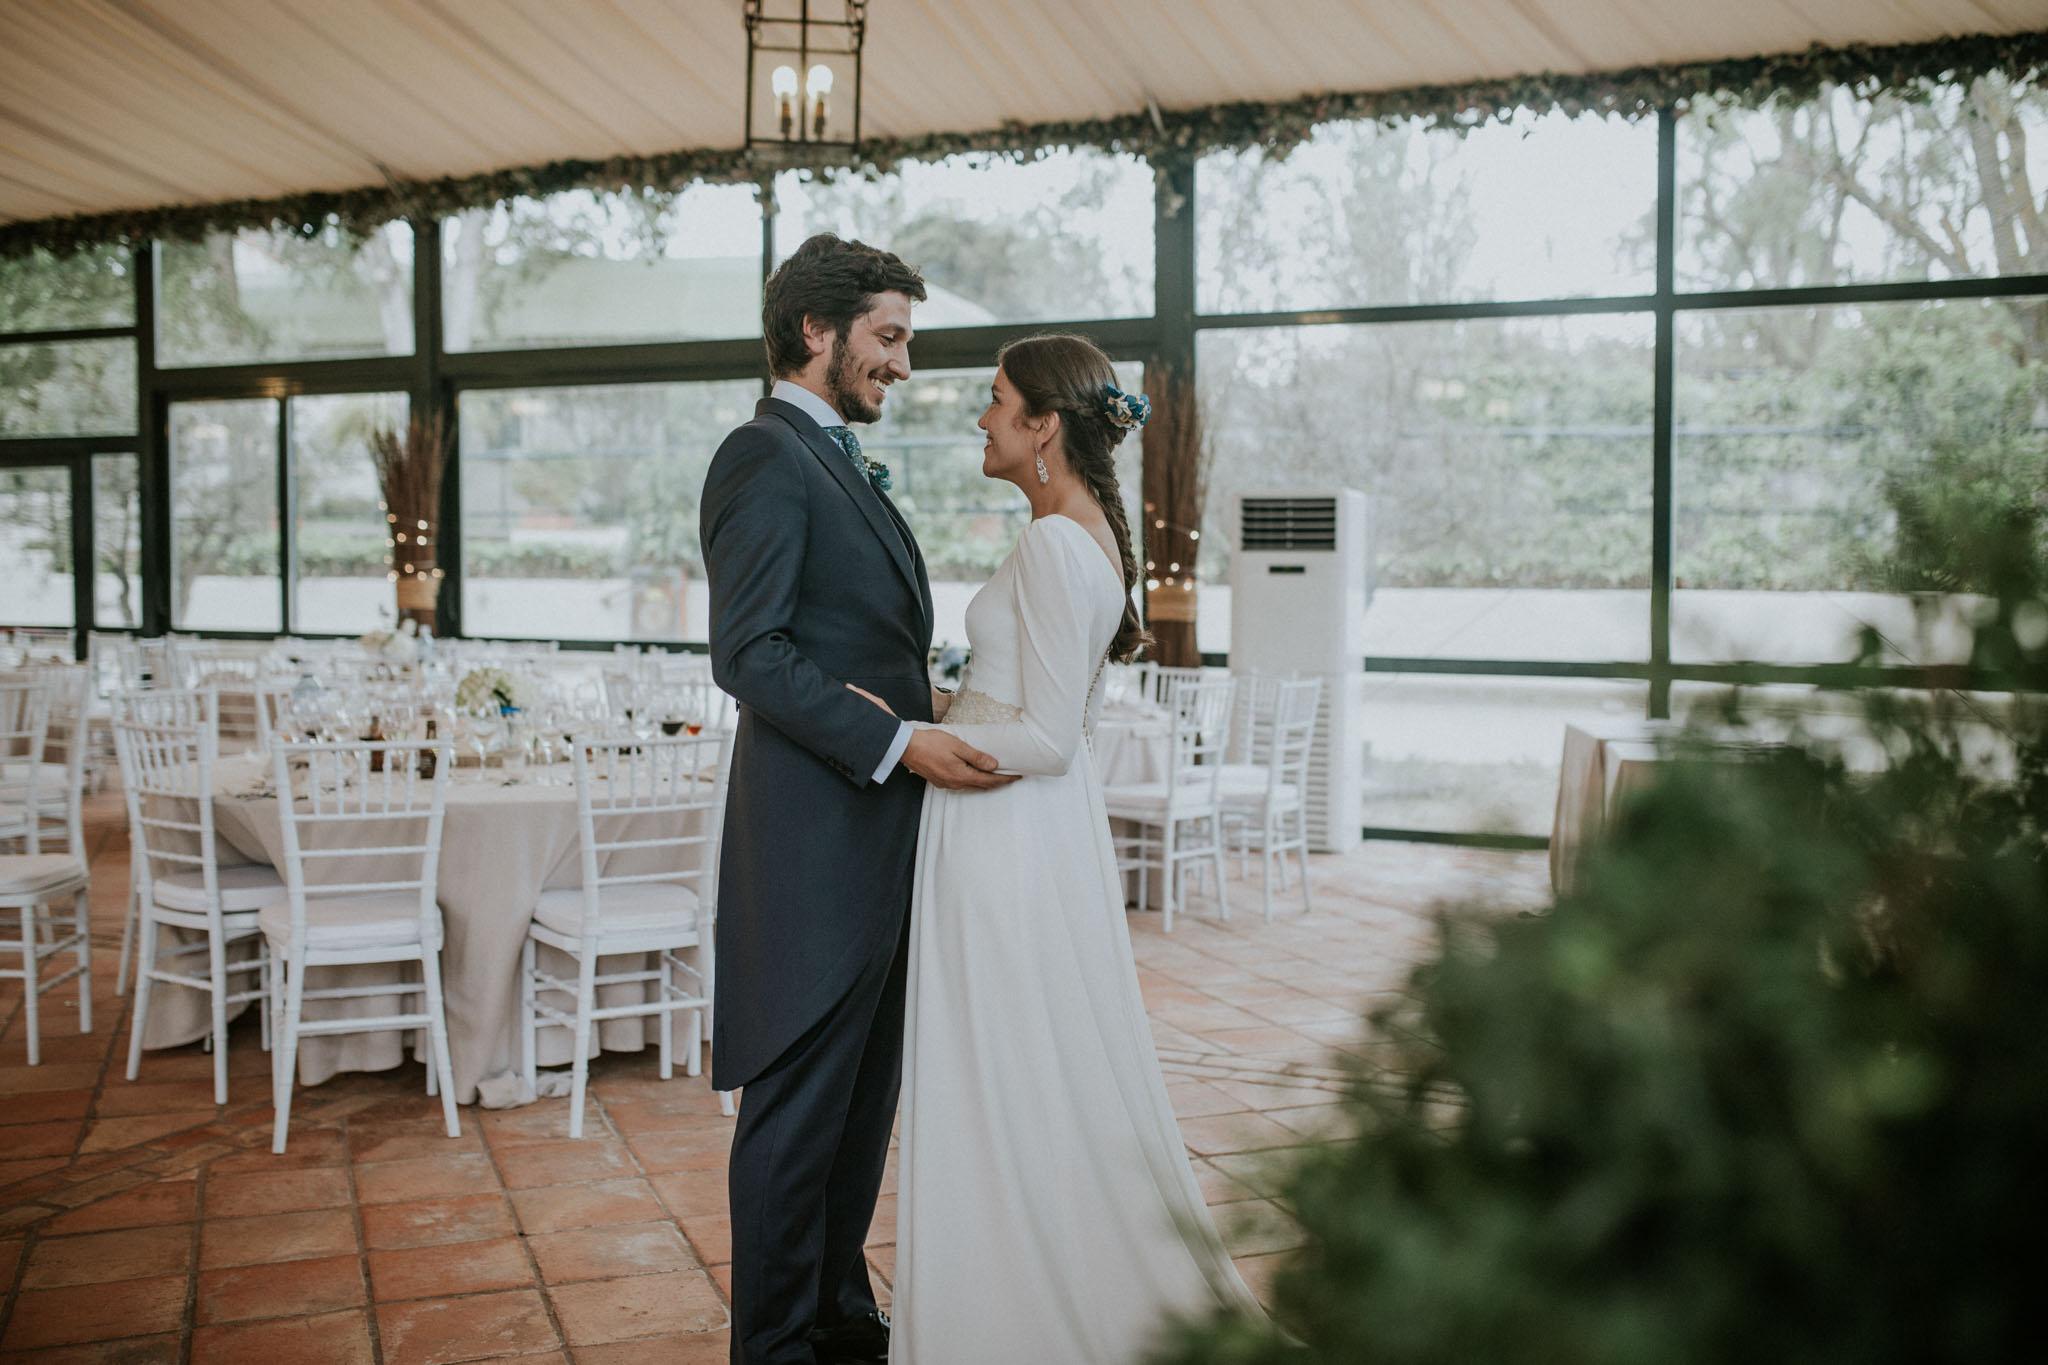 fotografia-boda-luguille-concorazon-124